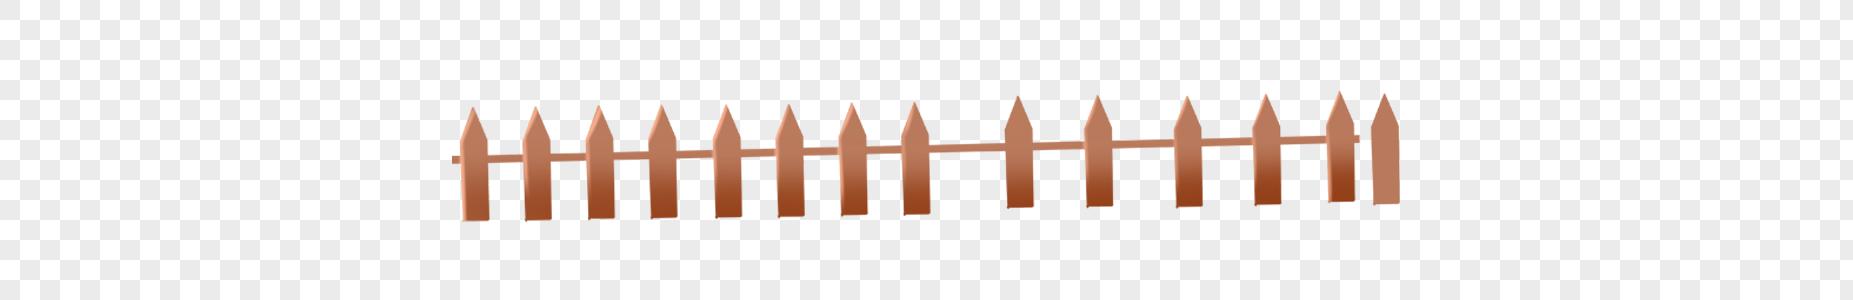 木头栅栏图片